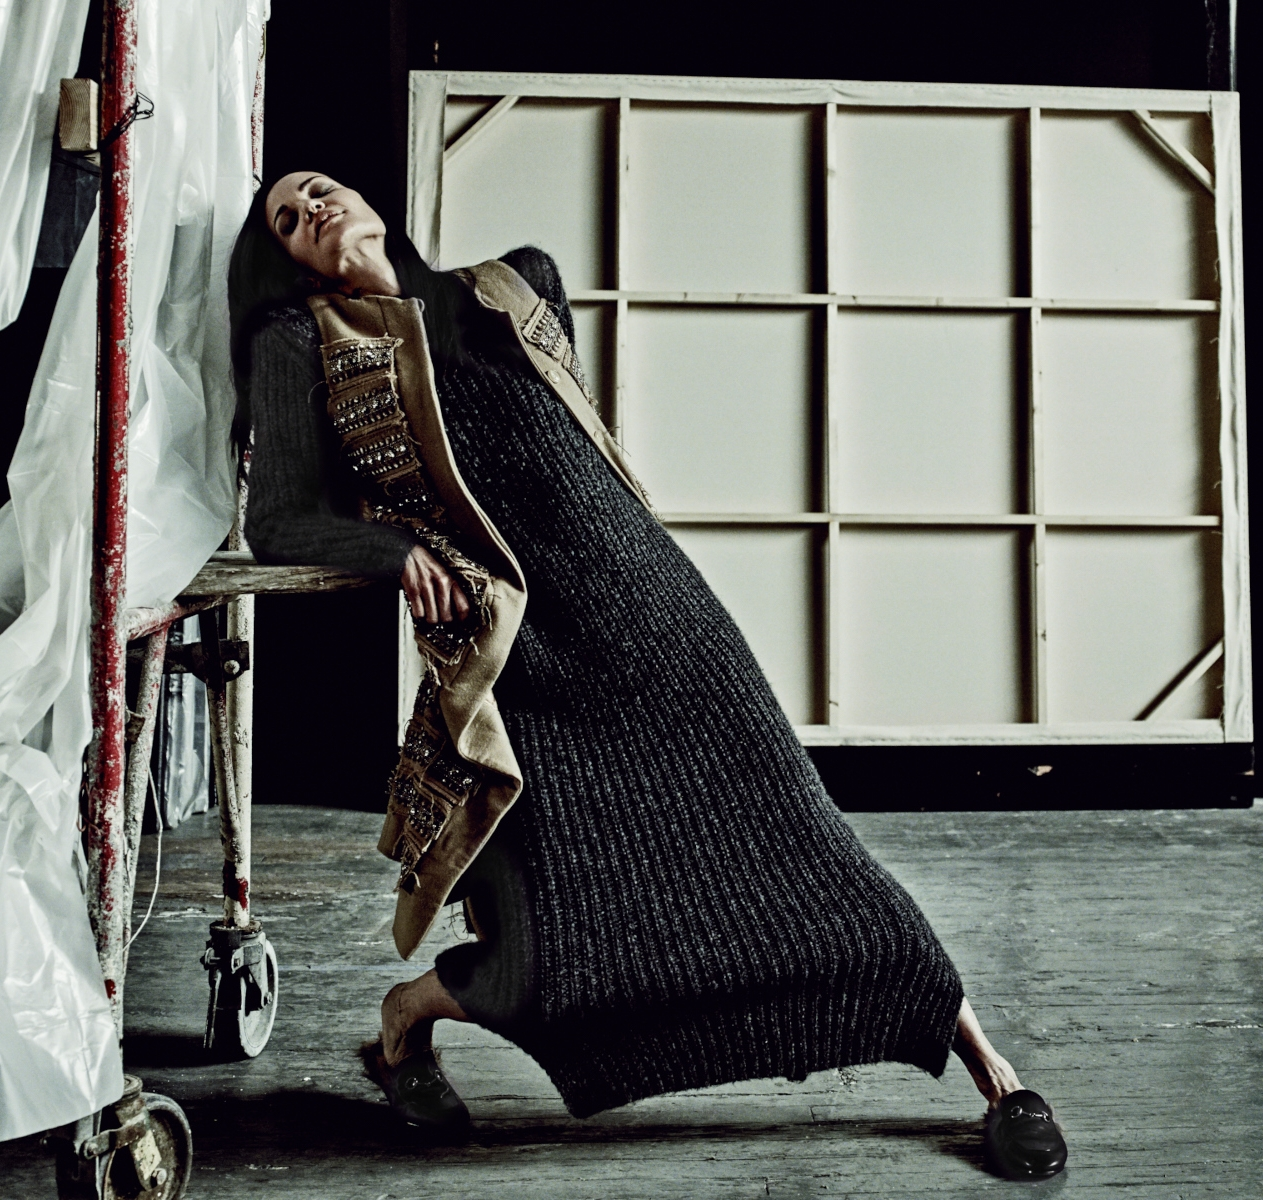 Vogue Italy Editorial, Michel Comte